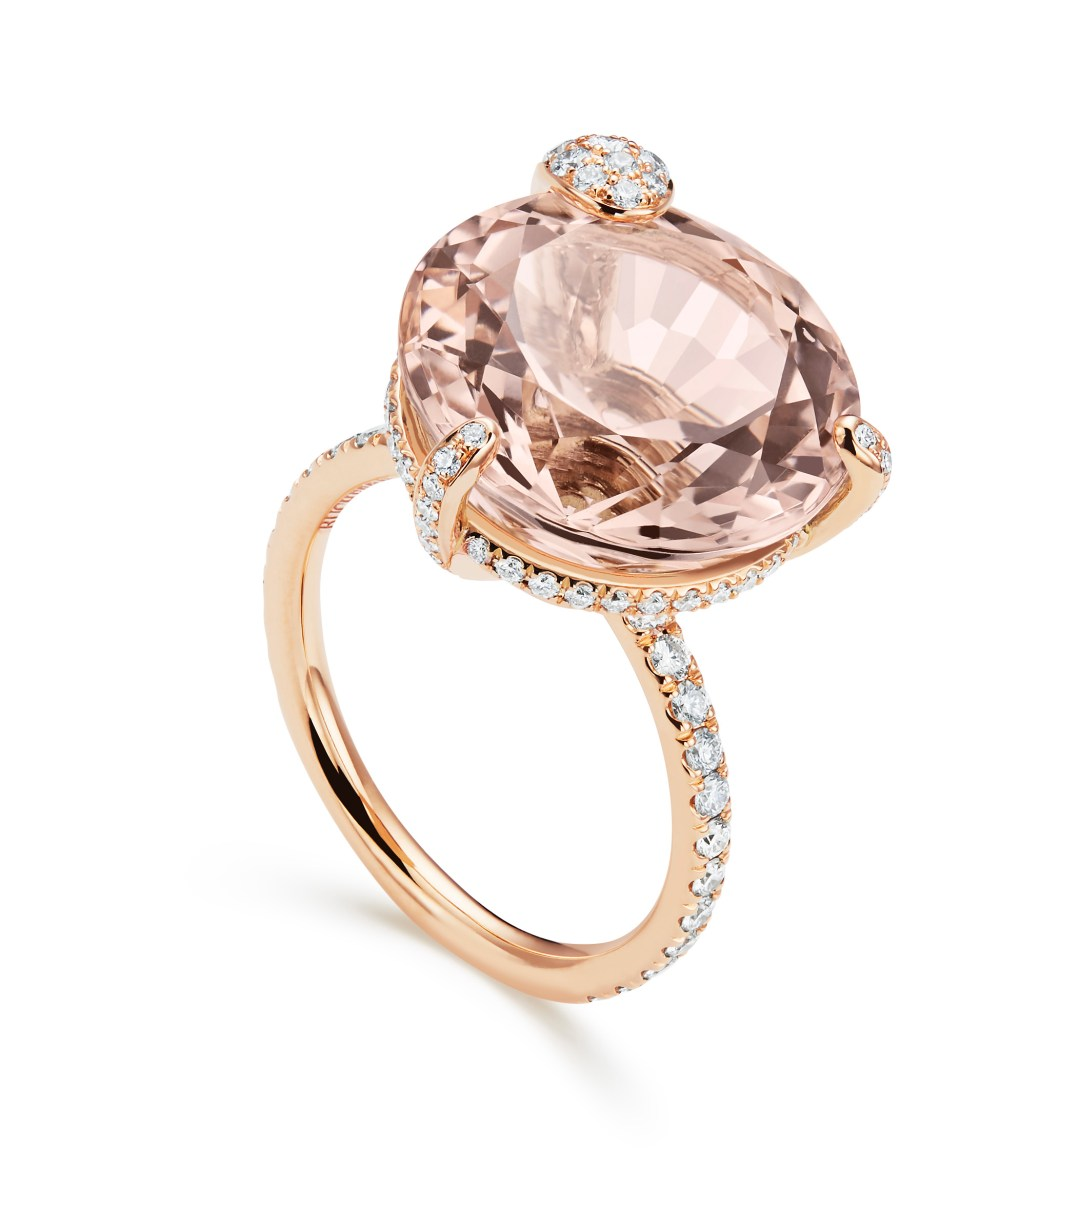 BUCHERER. La pièce maîtresse de la collection Peekaboo est une somptueuse bague cocktail : une morganite rose de 12 carats trône en majesté sur un corps de bague circulaire, serti de diamants.